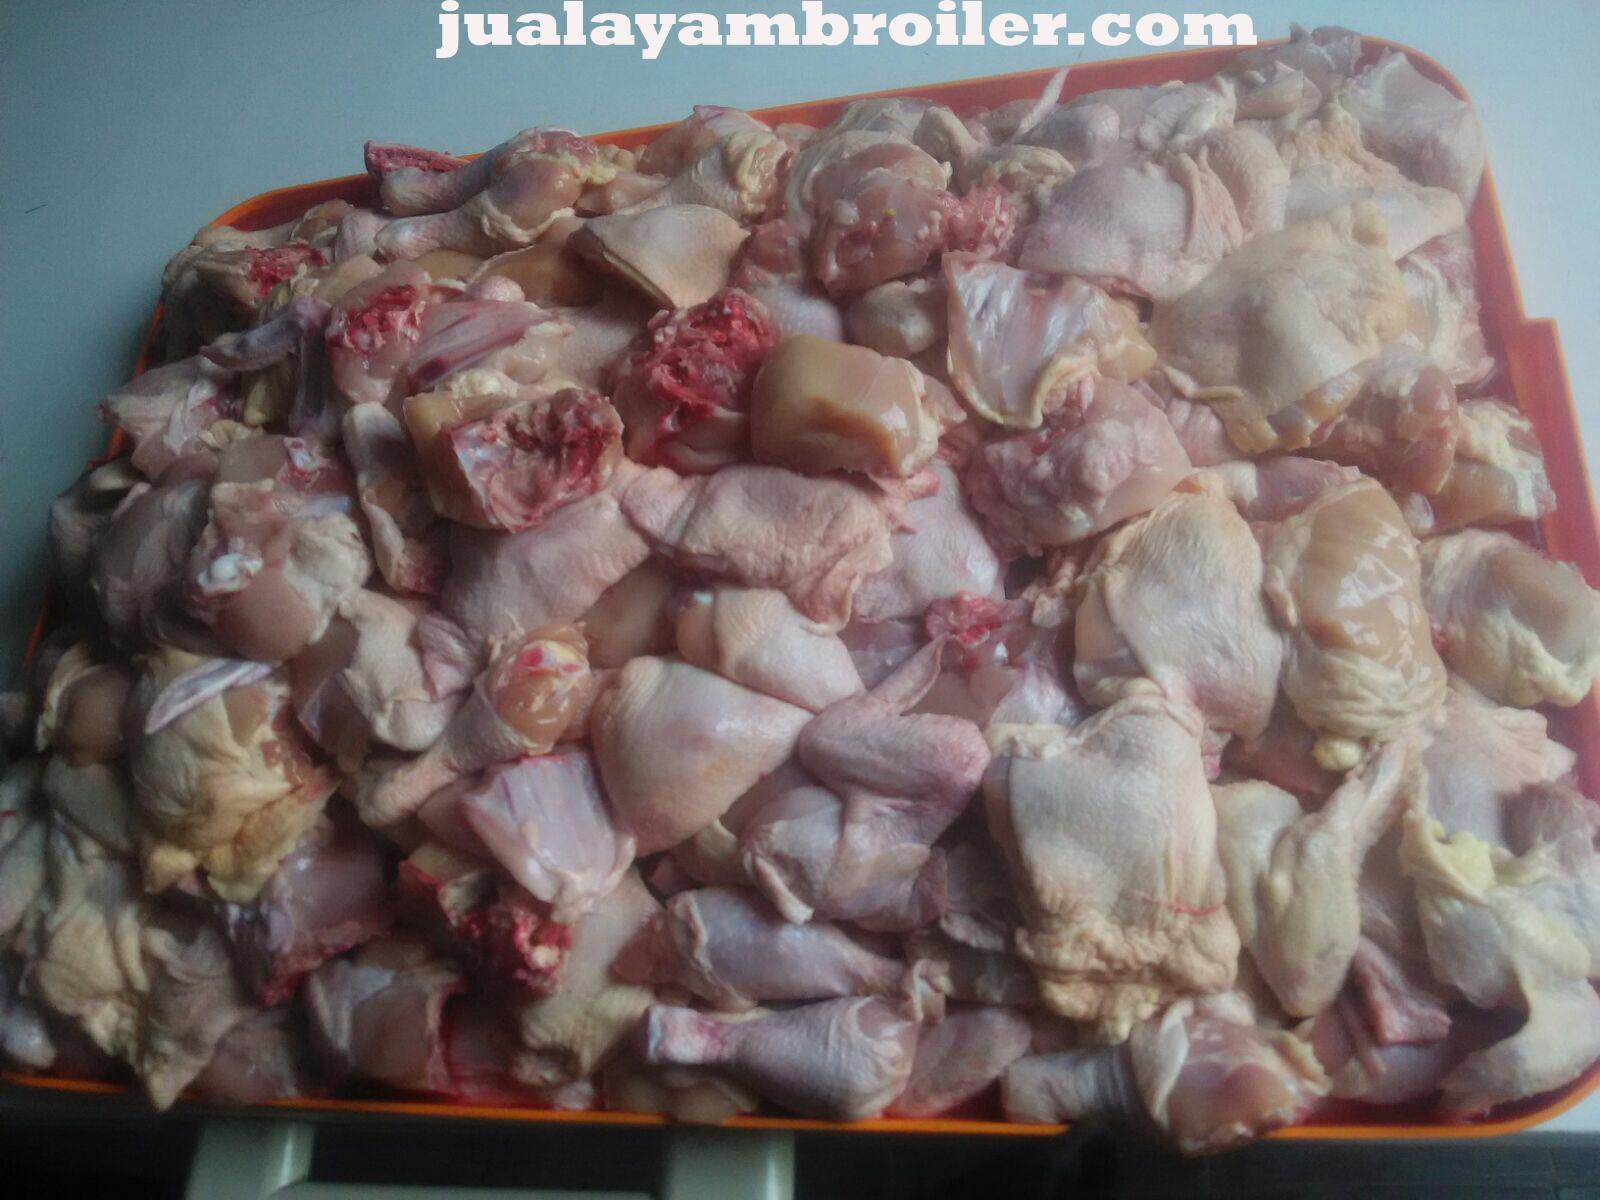 Jual Ayam Karkas di Lubang Buaya Jakarta Timur